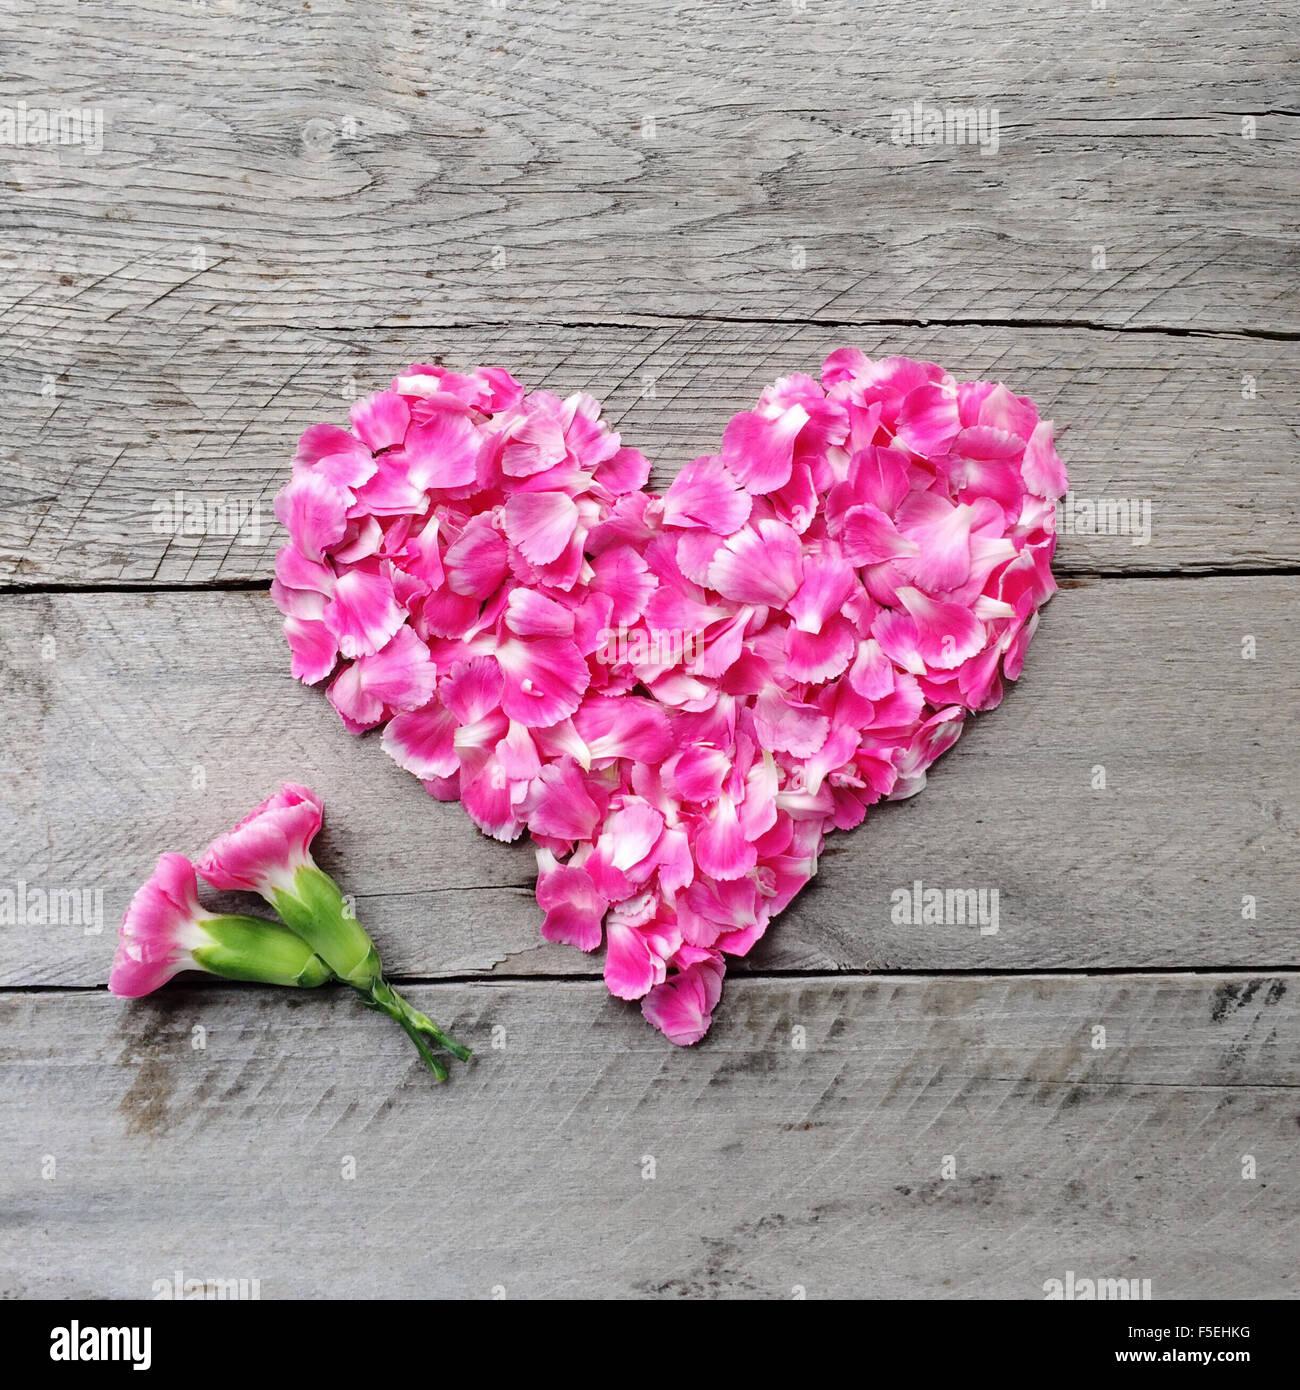 Rosa Blumen Herz hergestellt aus Nelken Stockfoto Bild 89446324  Alamy